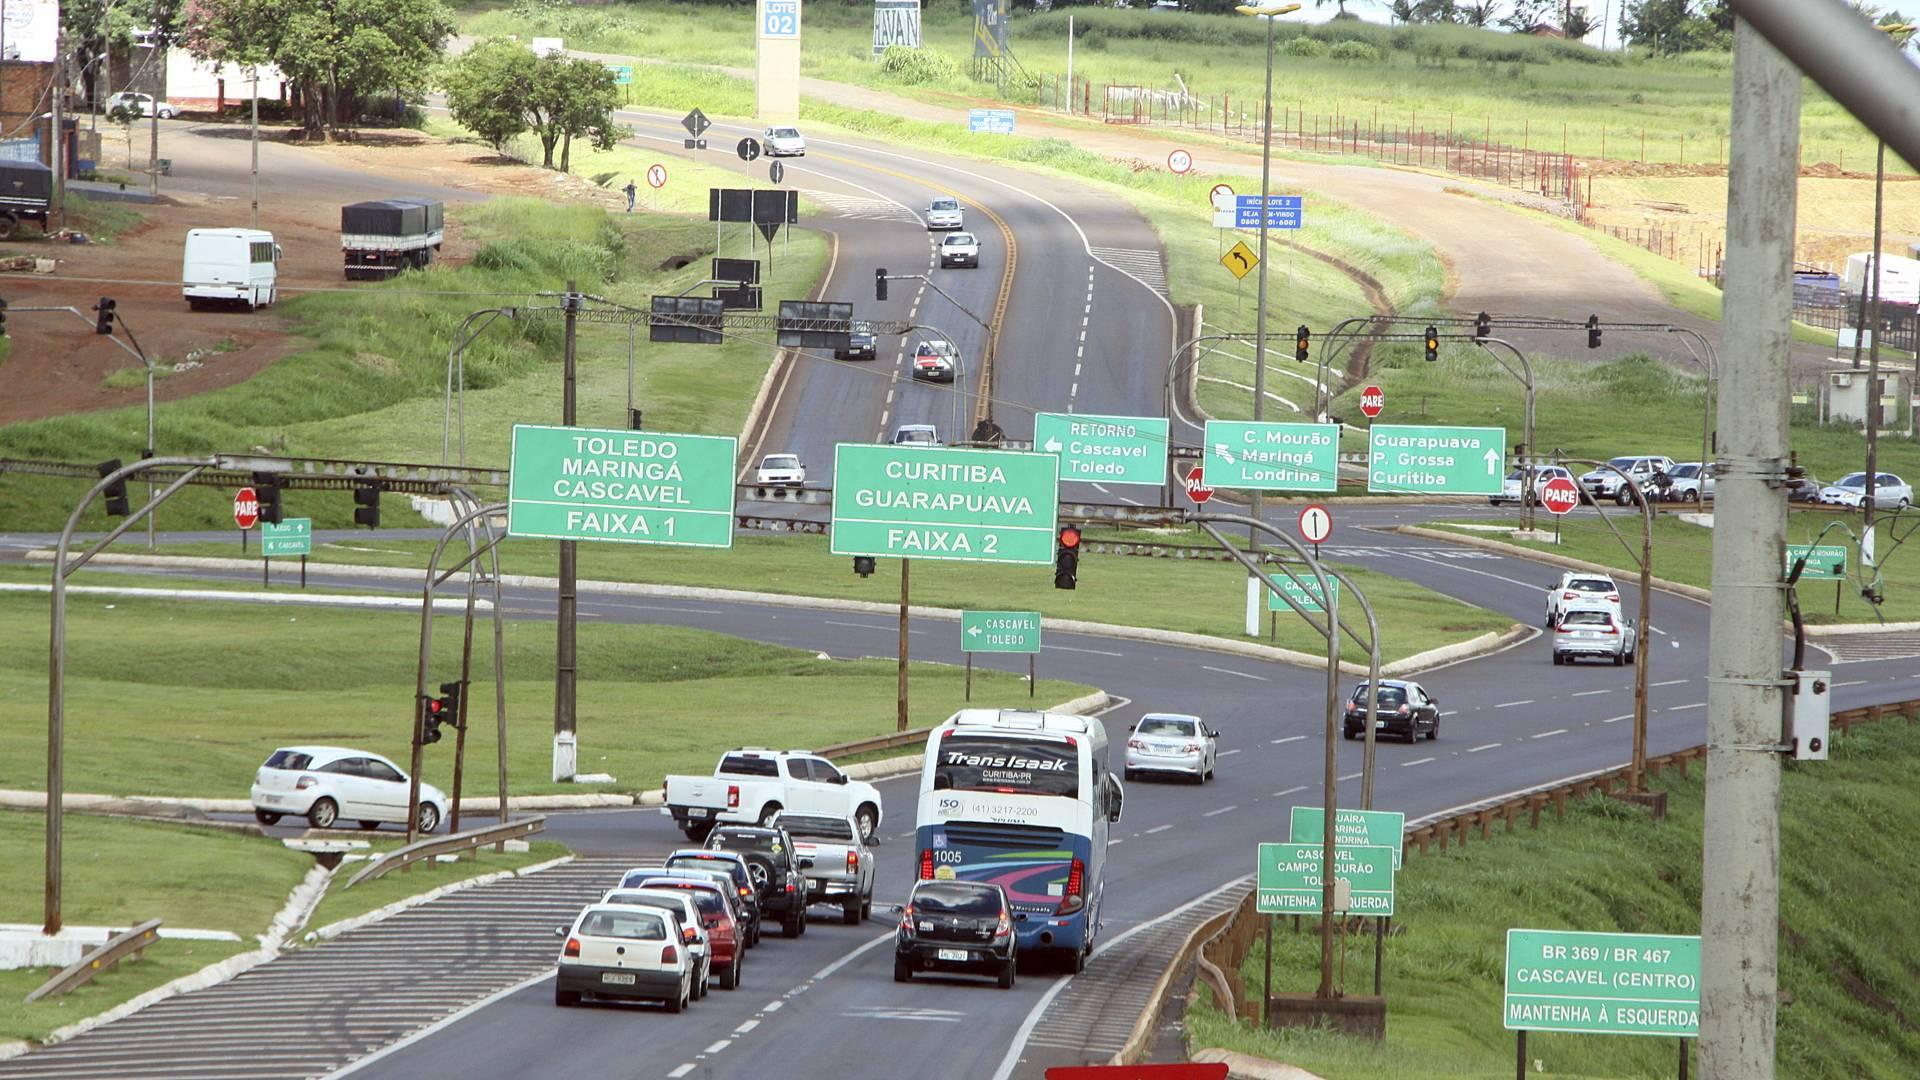 Trevo Cataratas: Reunião discute soluções alternativas de tráfego durante obras